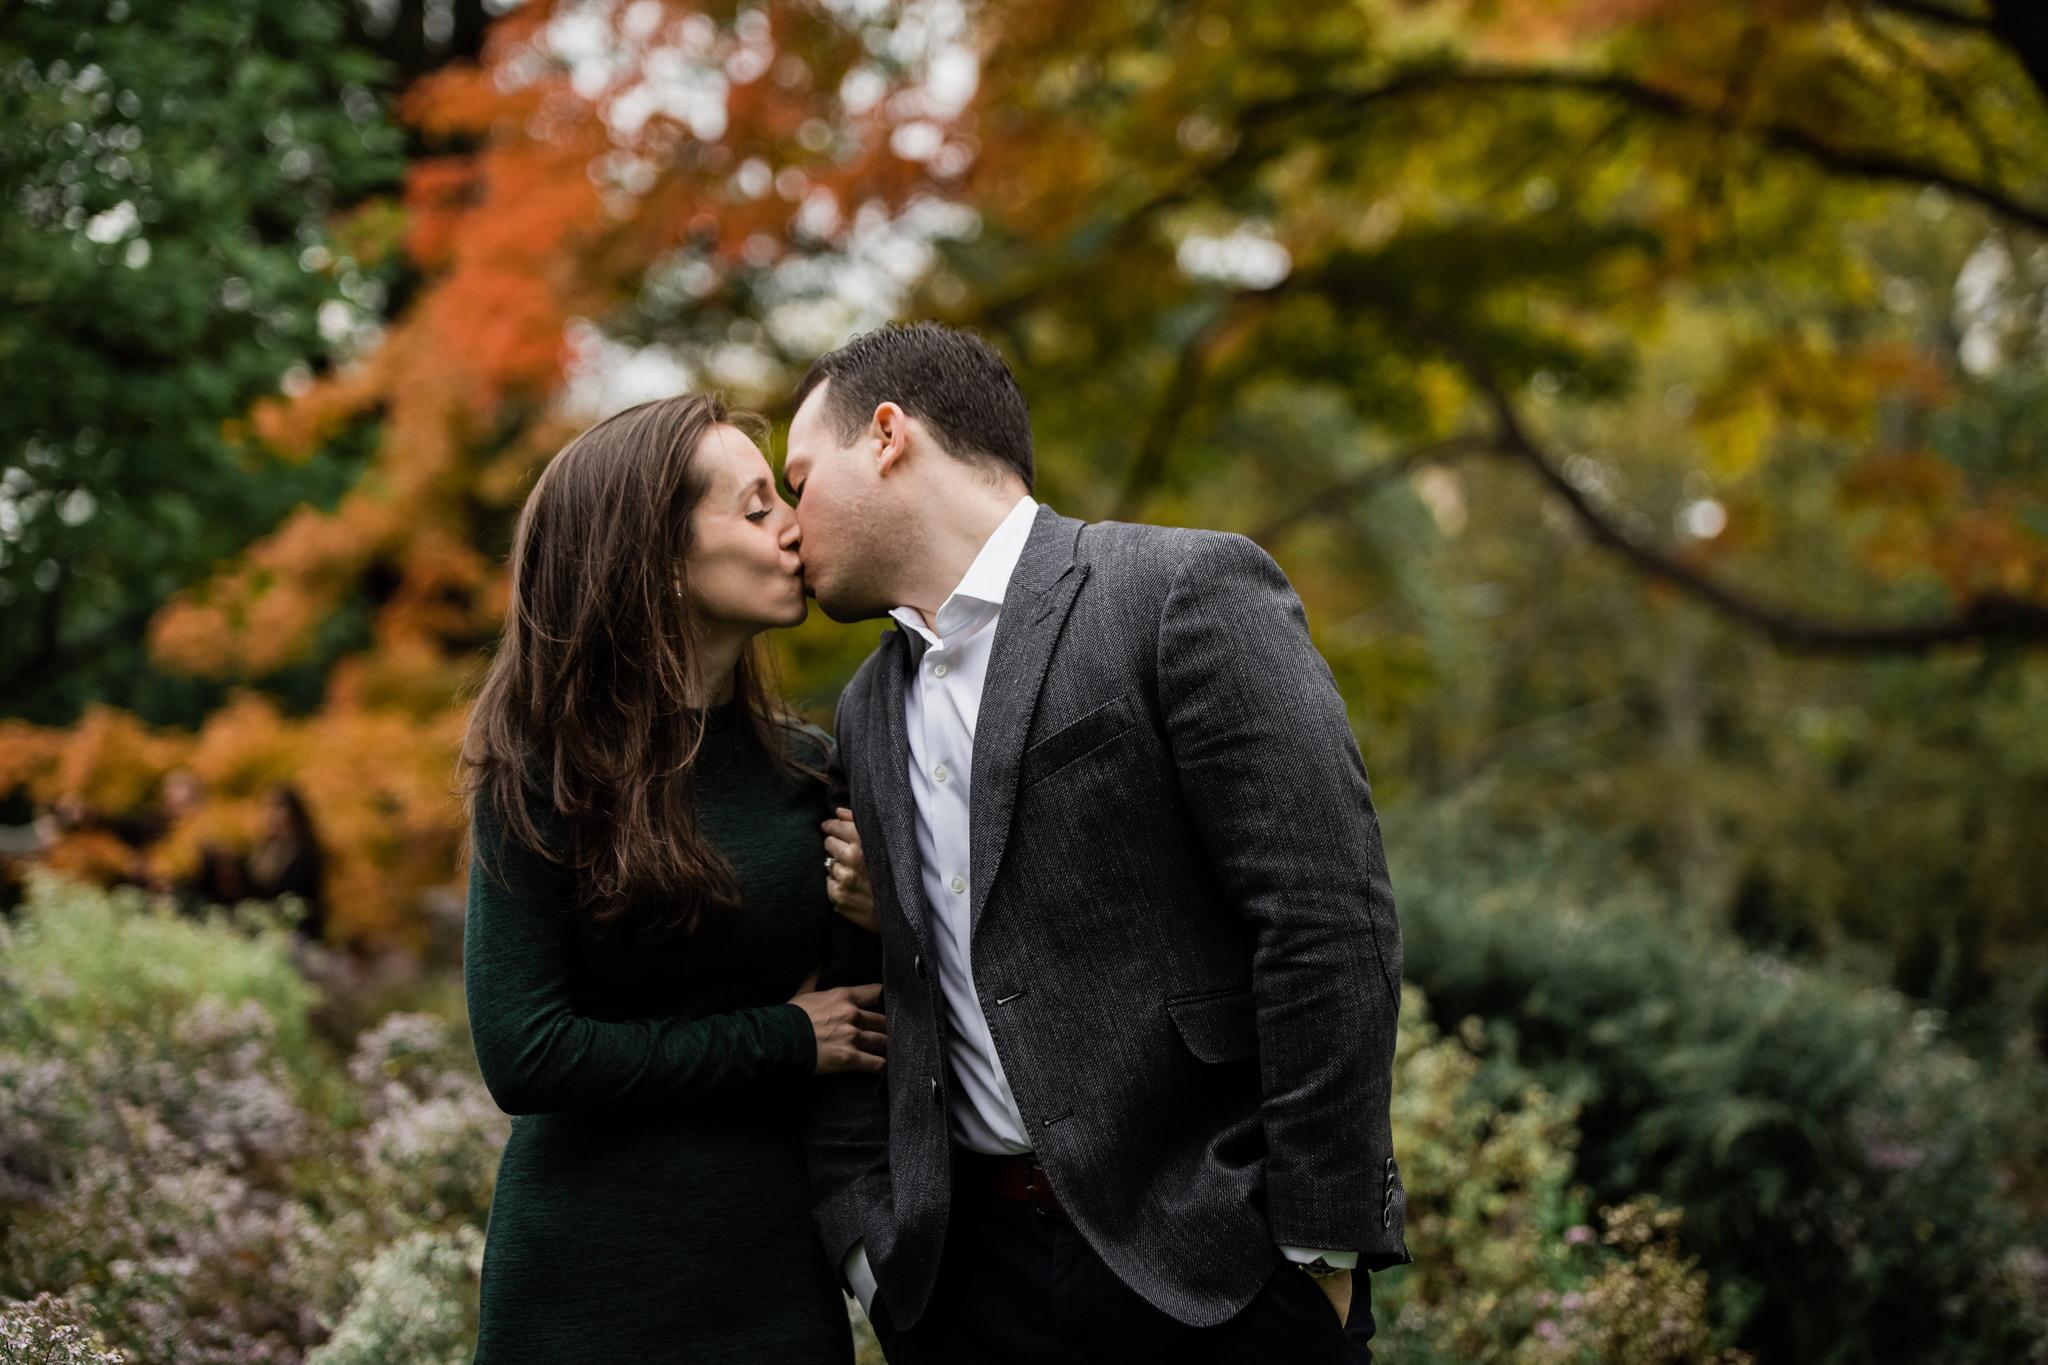 NEW_JERSEY_WEDDING_PHOTOGRAPHER_ARMZ_Z85_0383.jpg